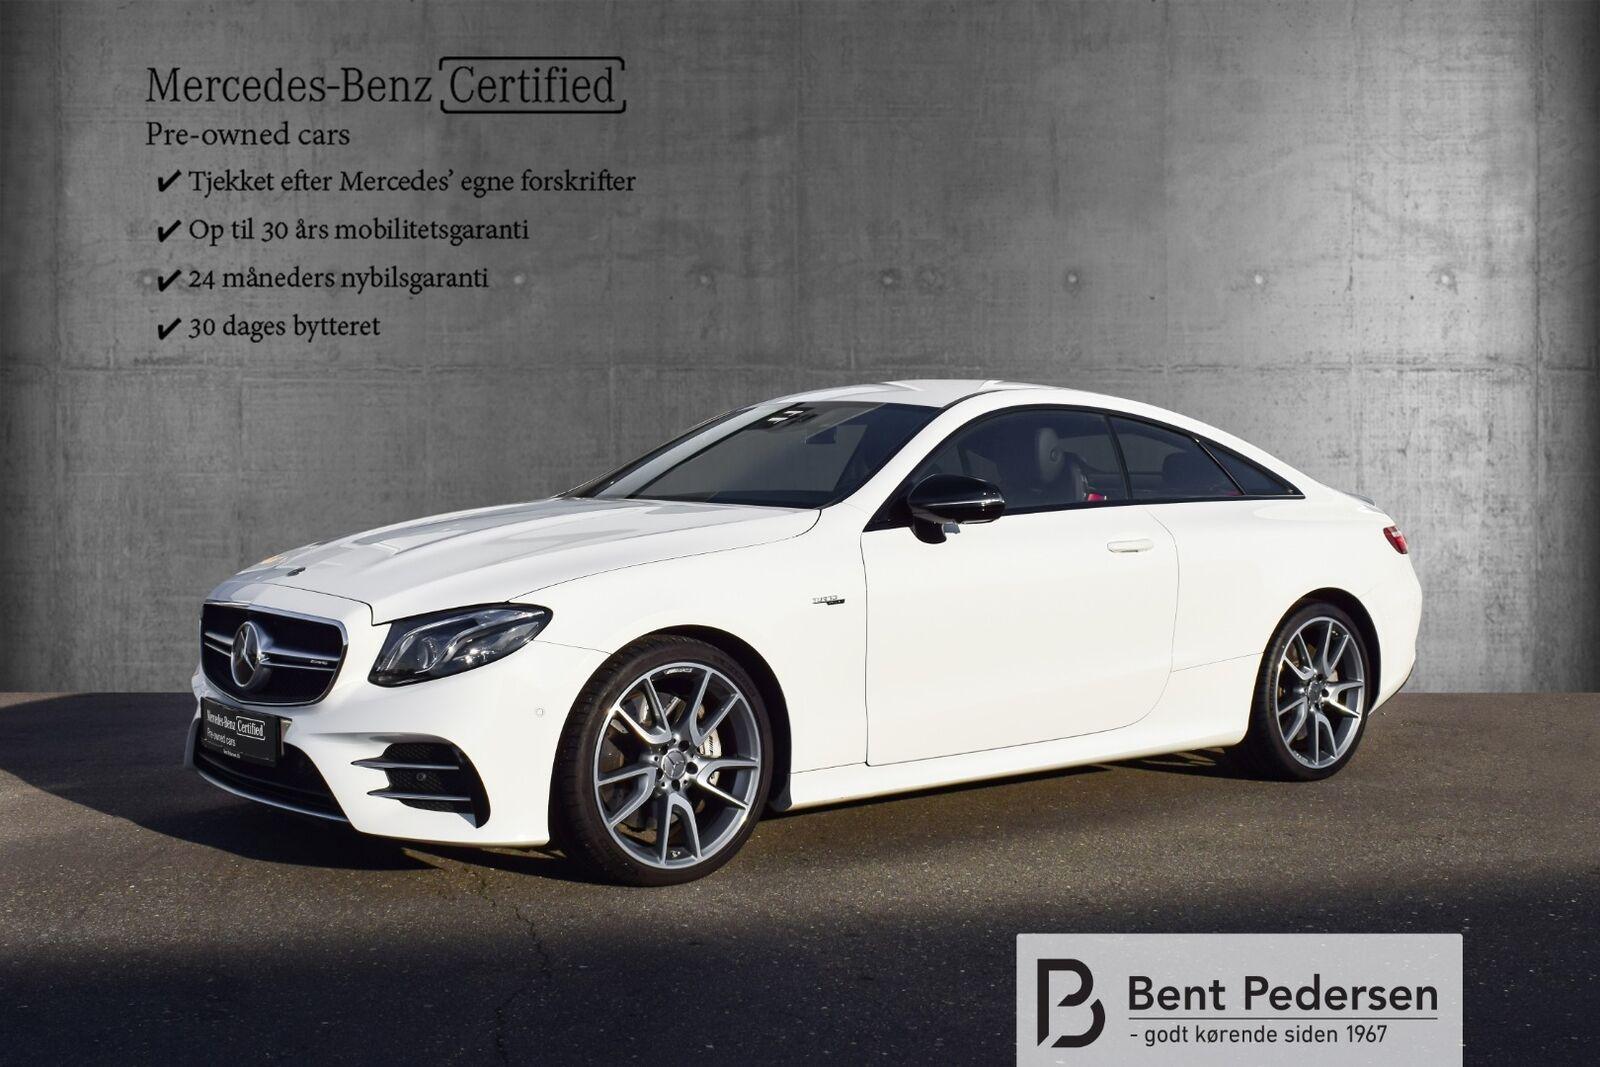 Mercedes E53 3,0 AMG Coupé aut. 4-M+ 2d - 999.900 kr.